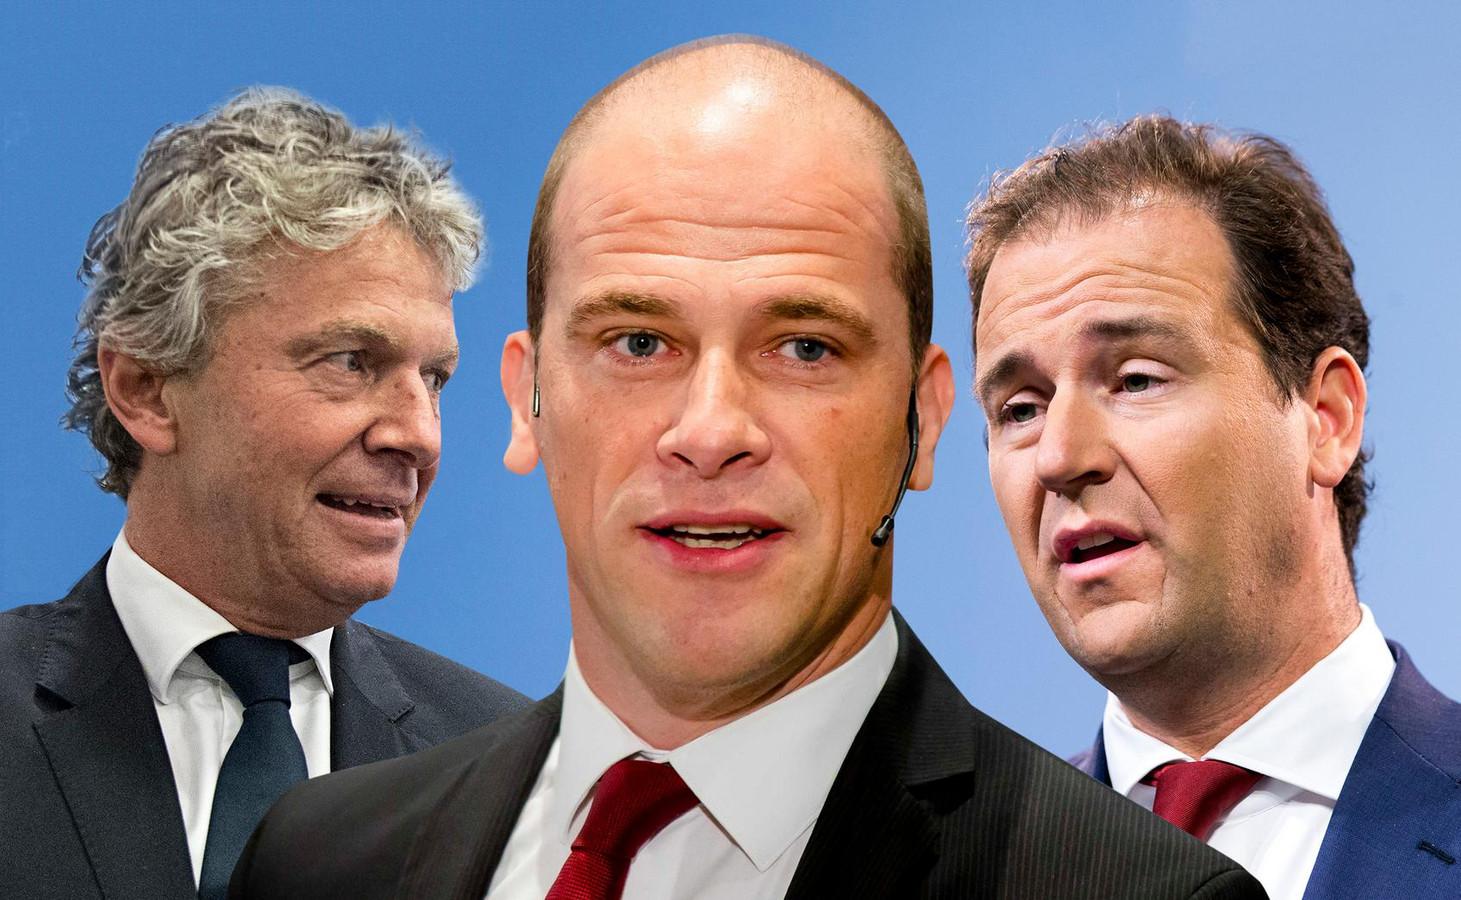 Jacques Monasch, Diederik Samsom en Lodewijk Asscher.